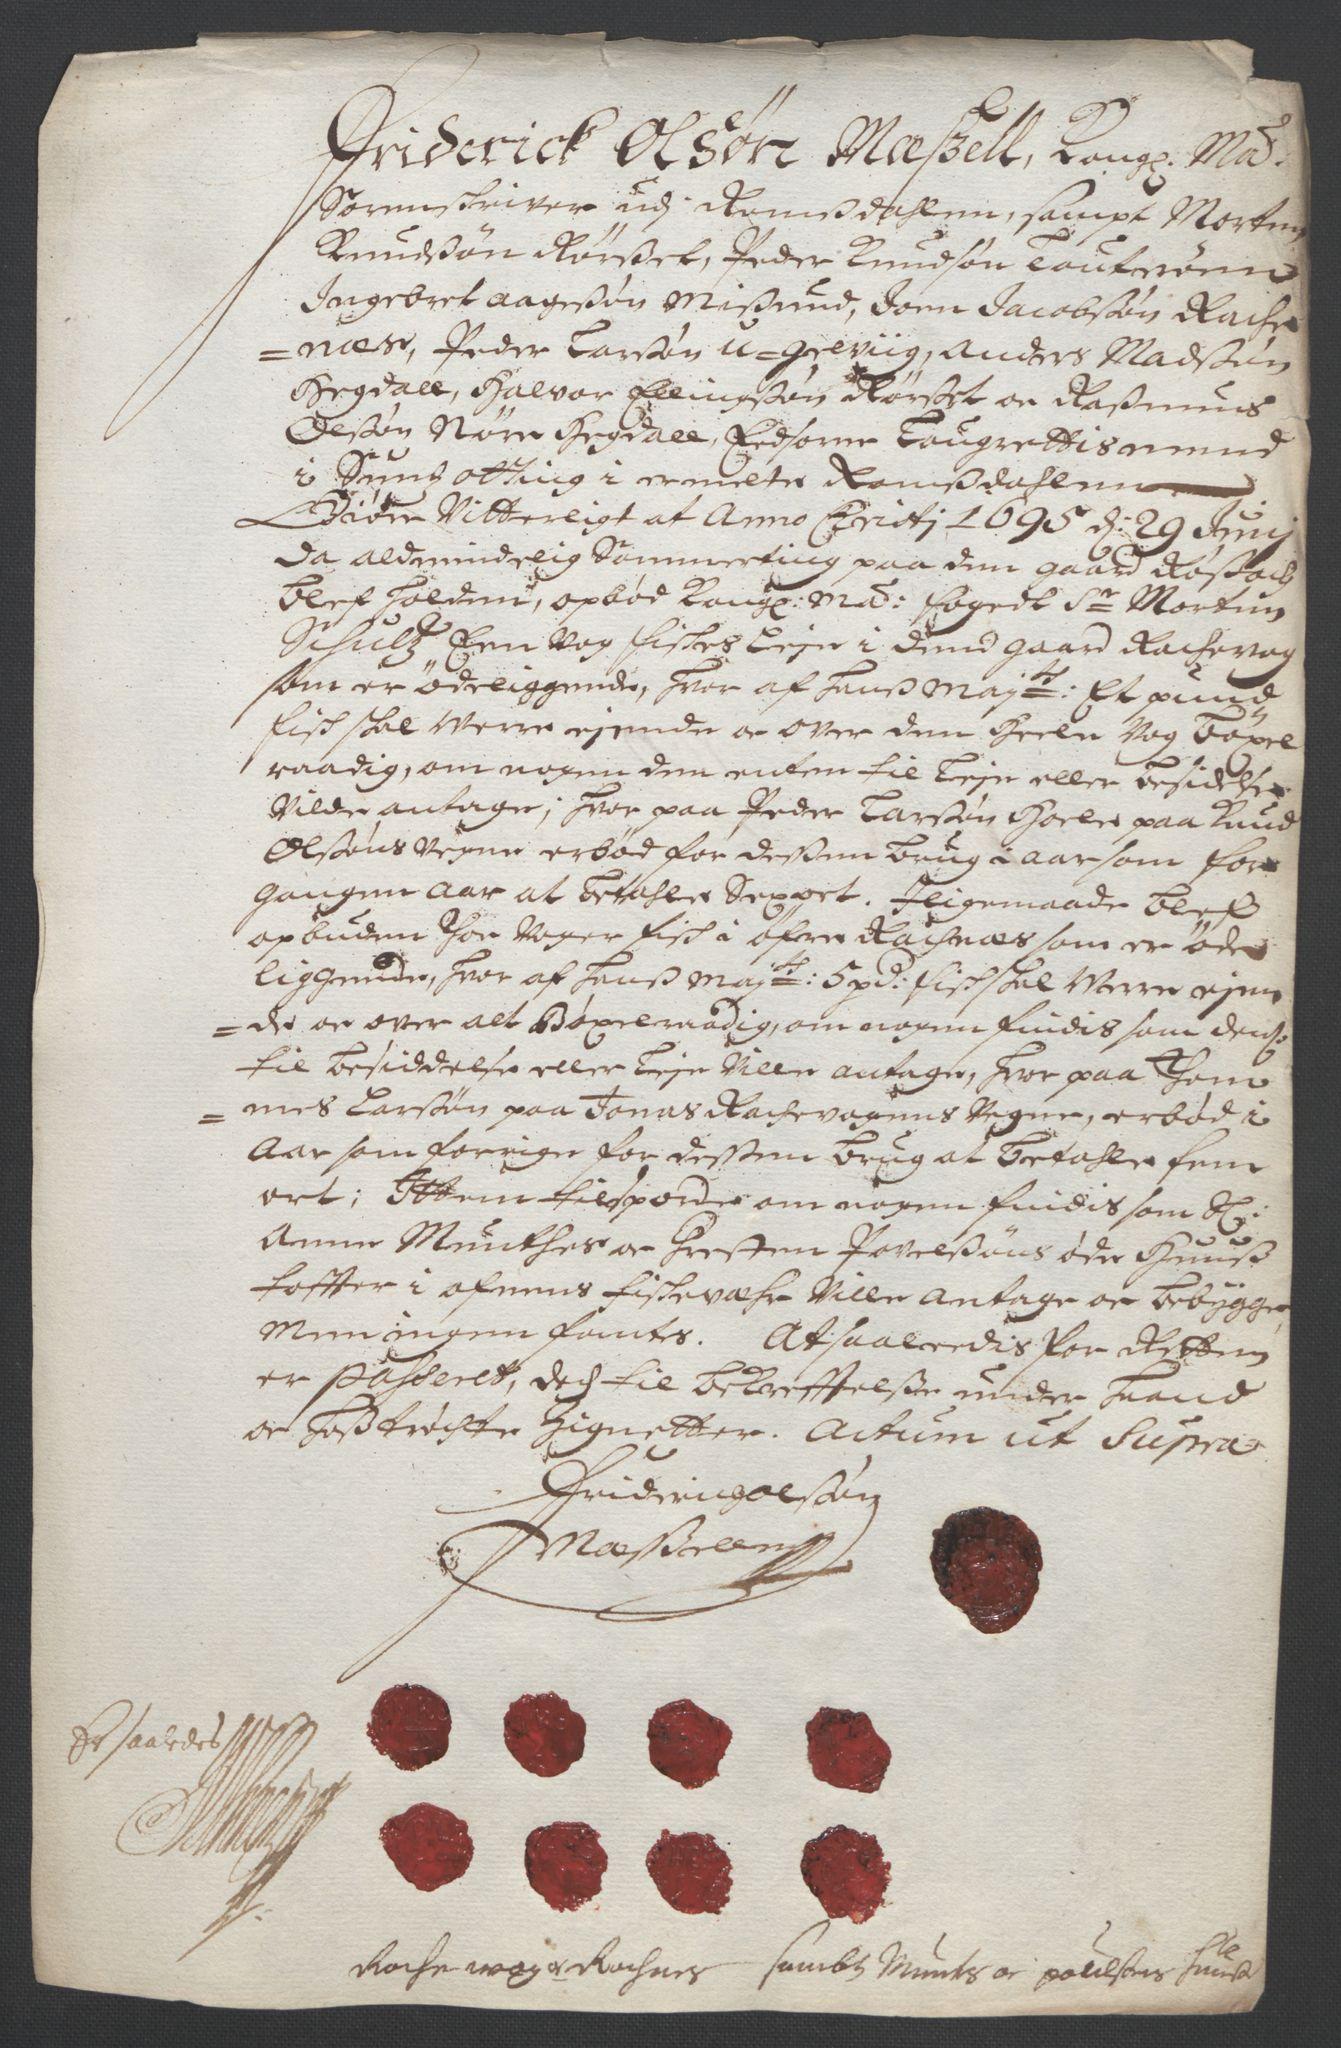 RA, Rentekammeret inntil 1814, Reviderte regnskaper, Fogderegnskap, R55/L3652: Fogderegnskap Romsdal, 1695-1696, s. 144